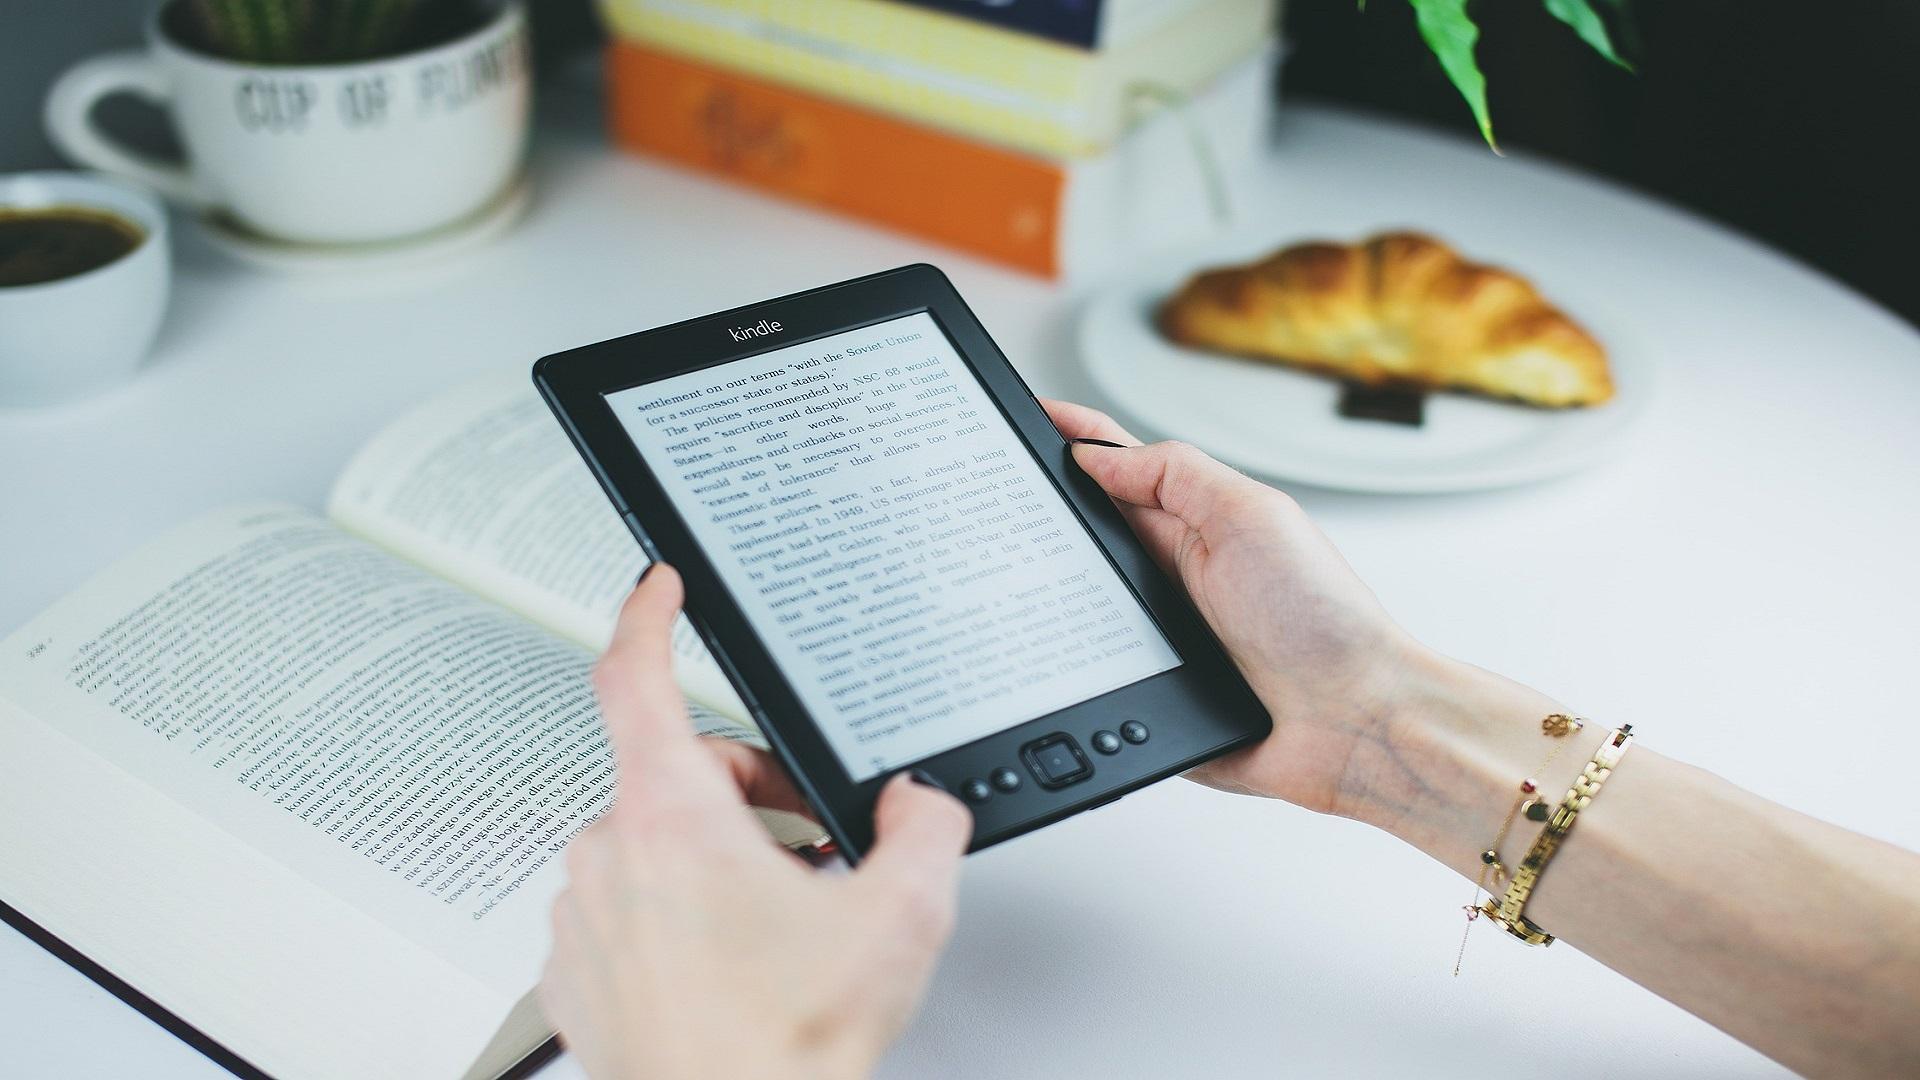 Goodreads: Das bietet die Online-Plattform für Lesebegeisterte